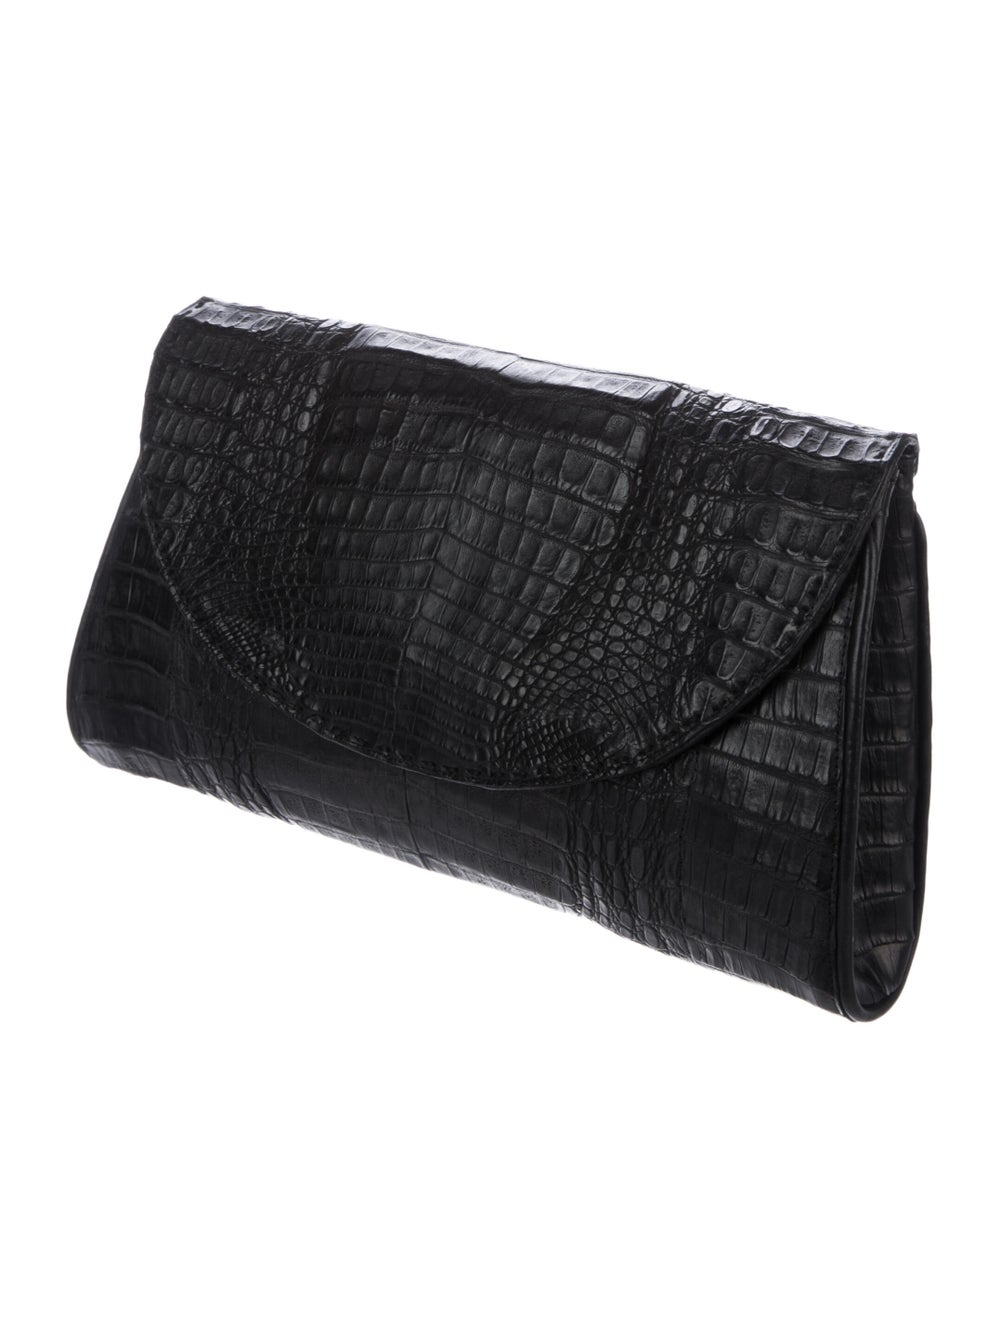 Rhonda Ochs Large Crocodile Clutch Black - image 3